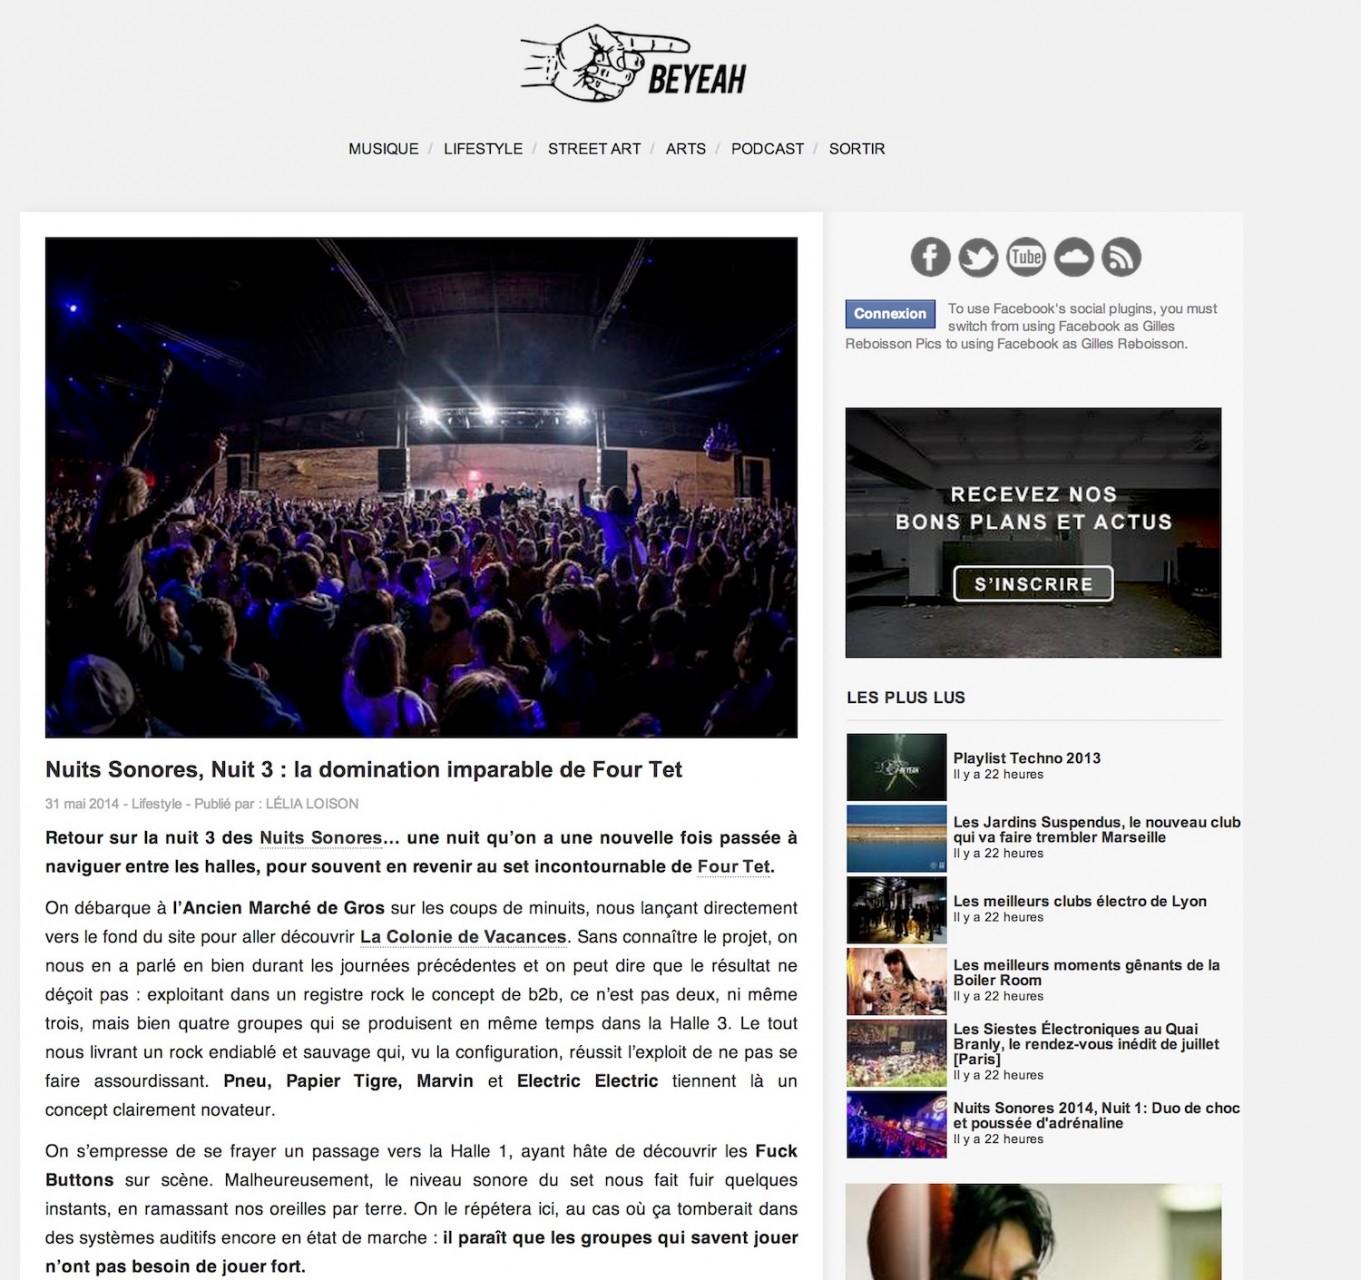 2014-06-01-Nuits Sonores-Beyeah-Web